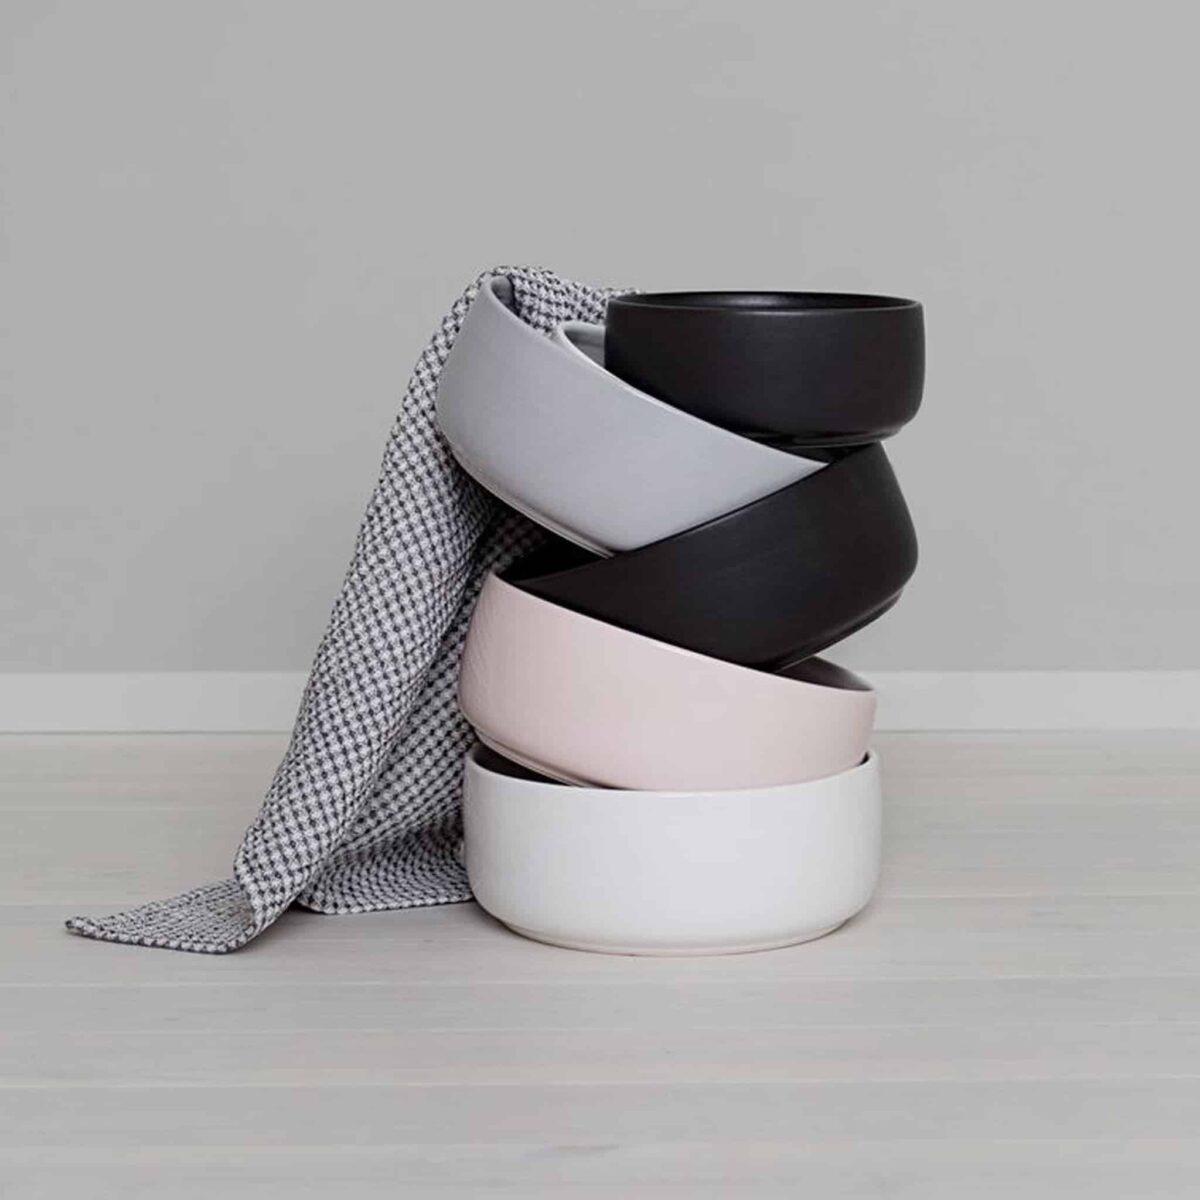 Kind_Ceramic_Bowls_004